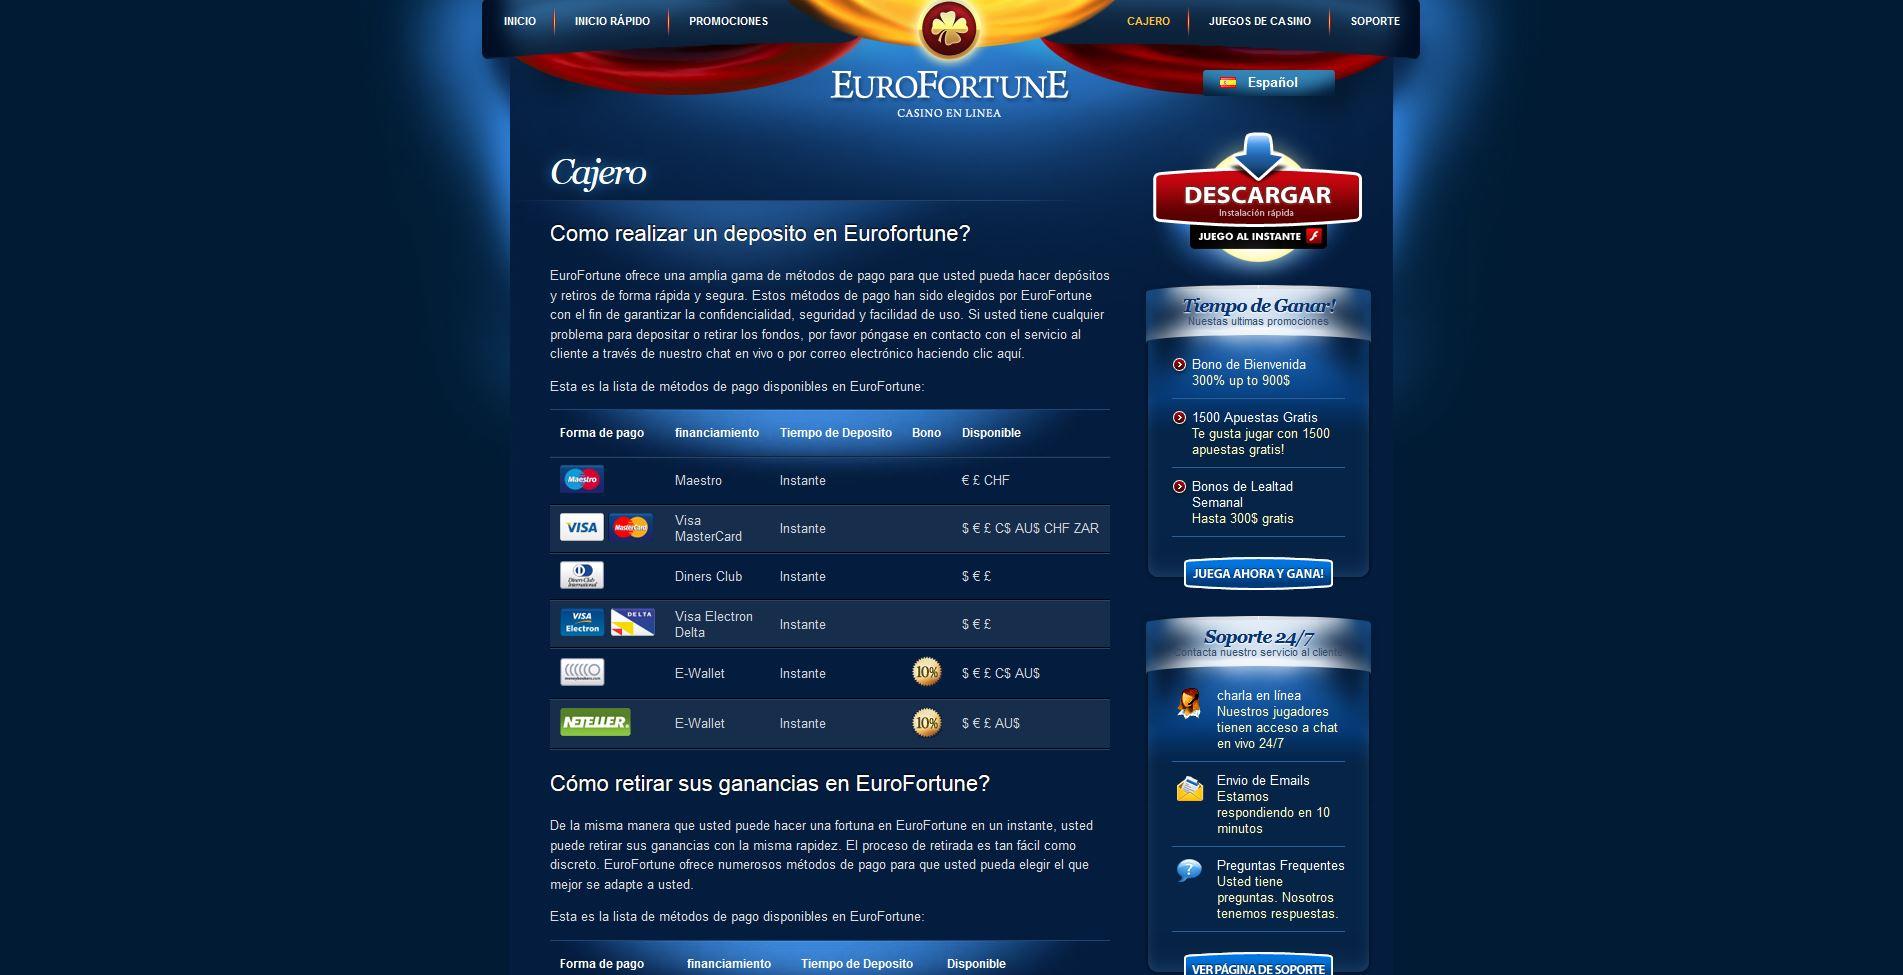 Juegos de Rival cupones casinos-558116